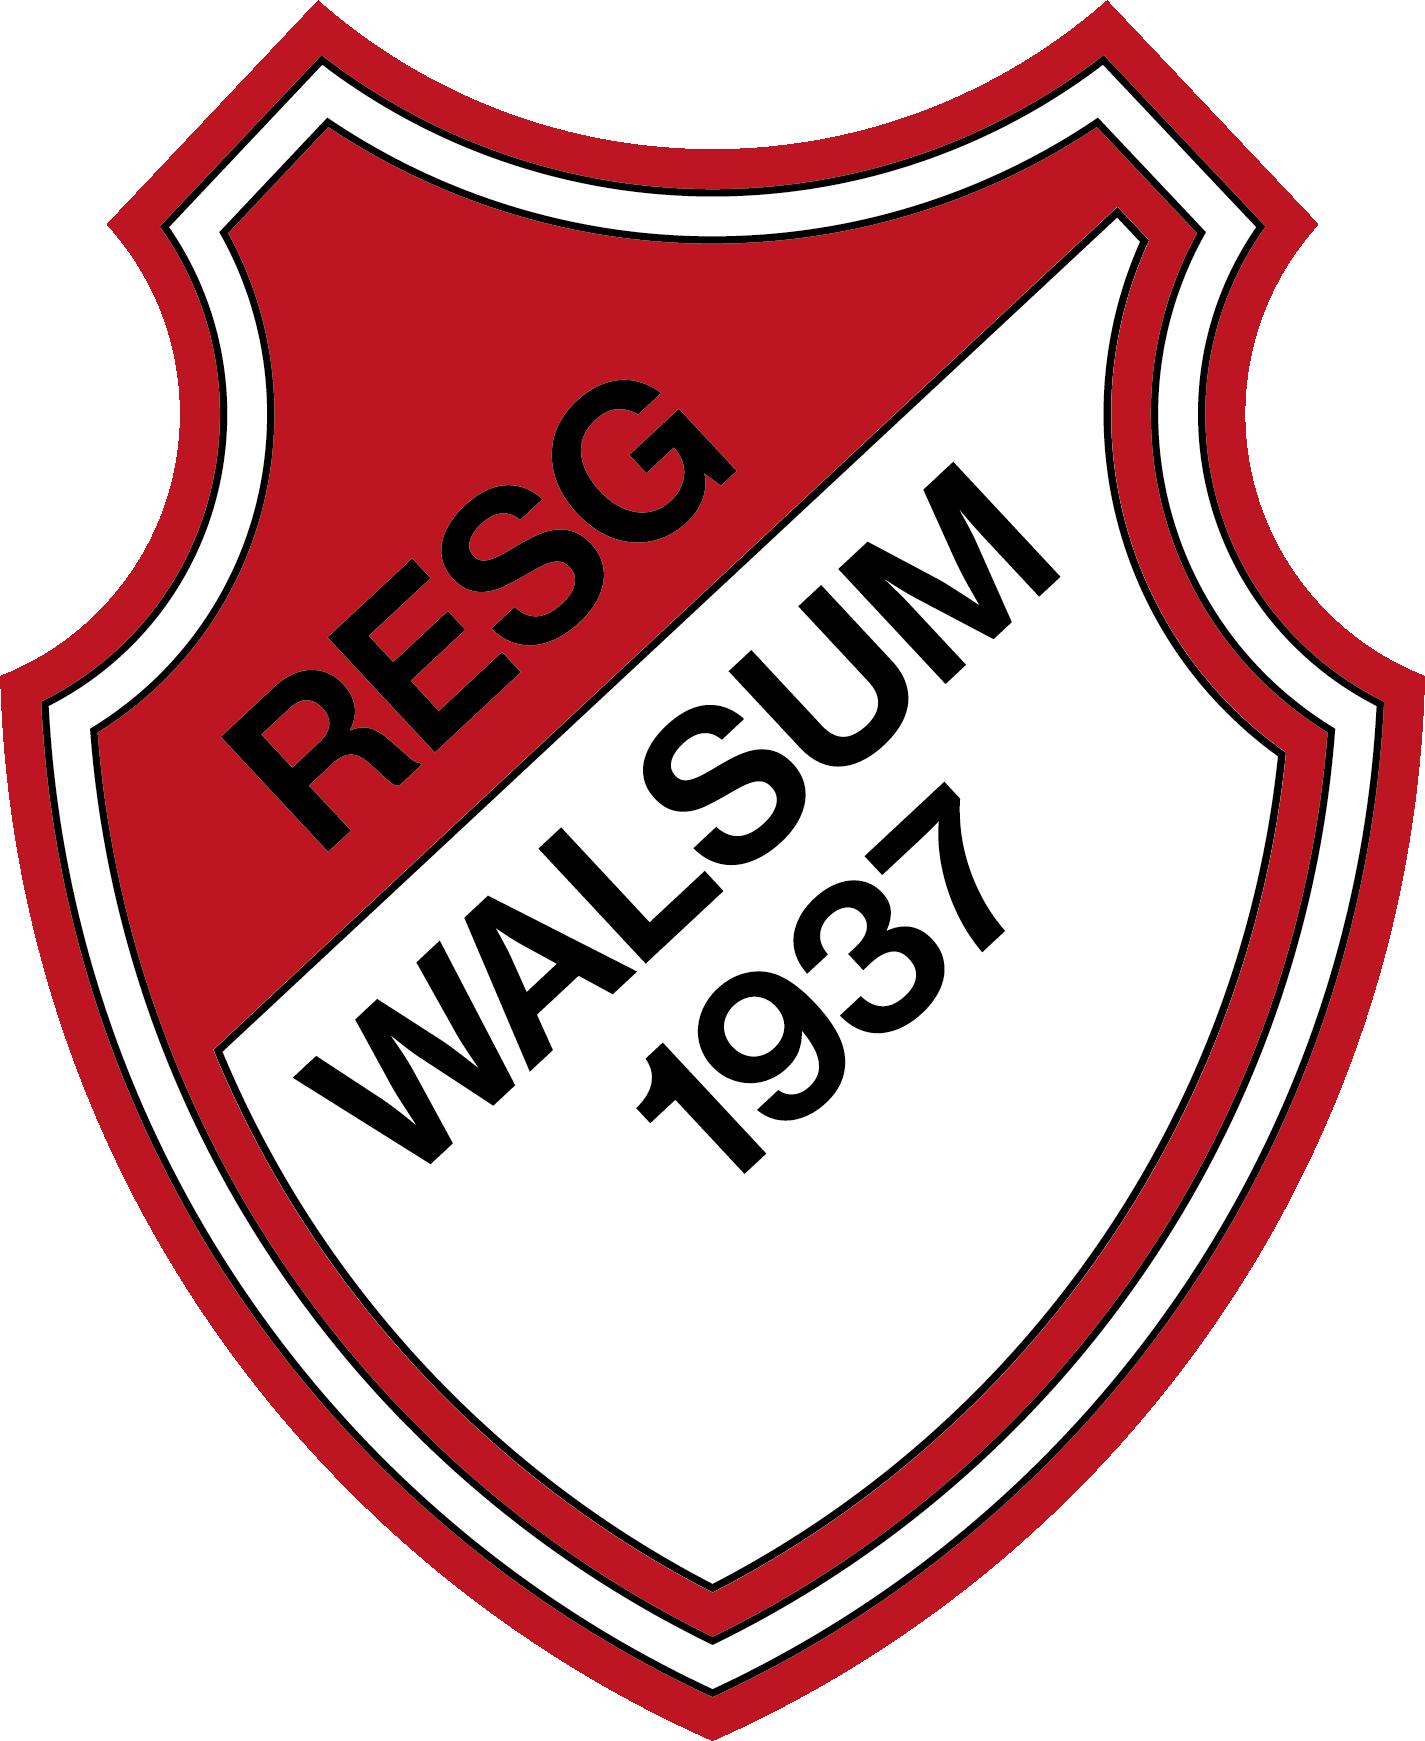 RESG Walsum